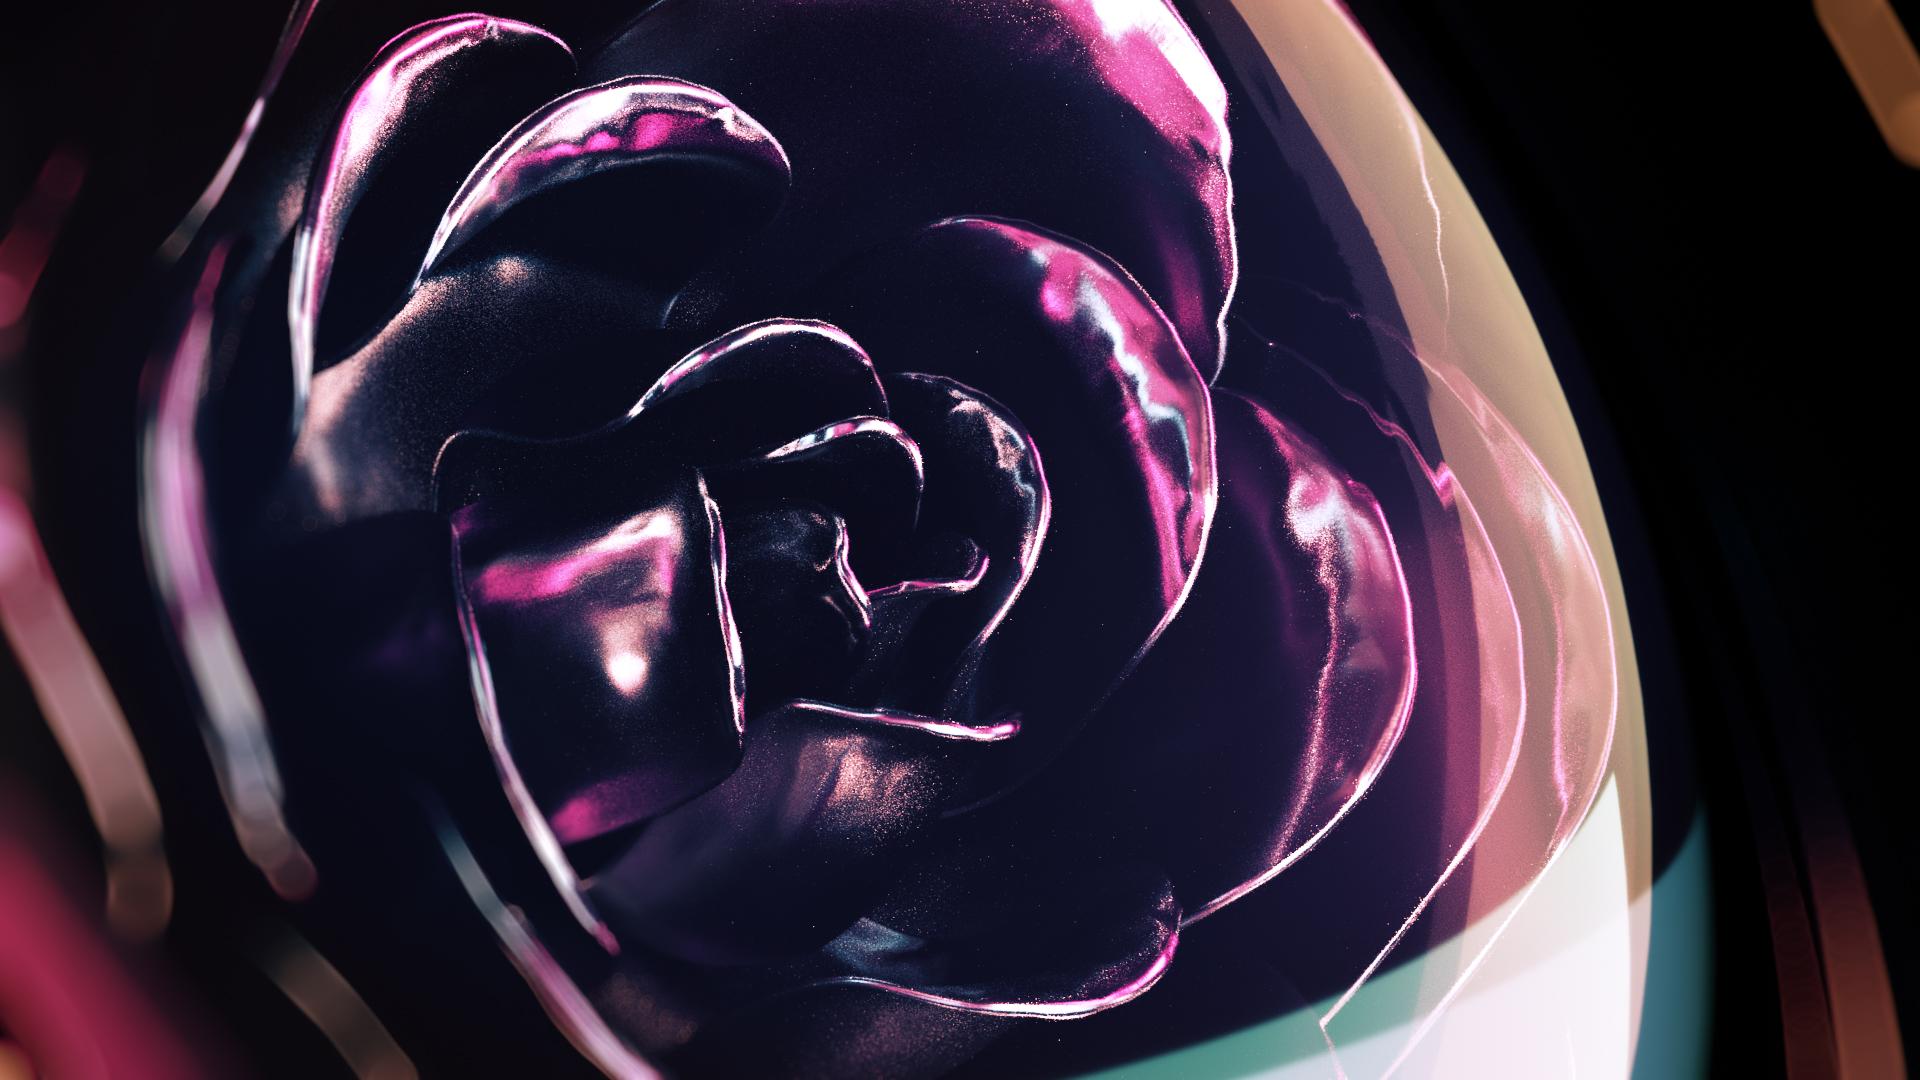 Slutever_Looking_Glass_121817_v02.jpg